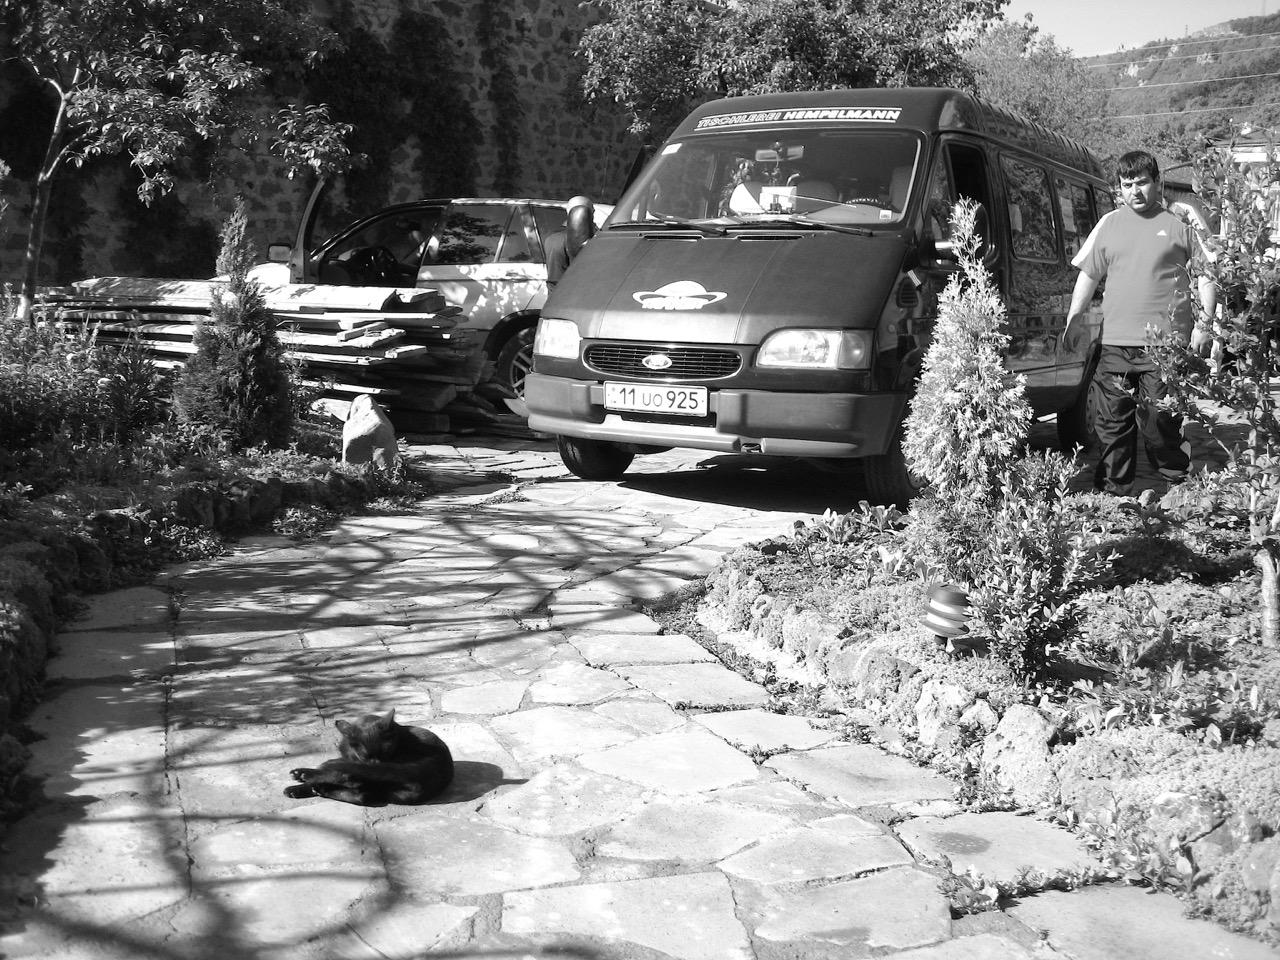 Foto: Hempelmann. Aus: Eriwan. Kapitel 4. Aufzeichnungen aus Armenien von Marc Degens.